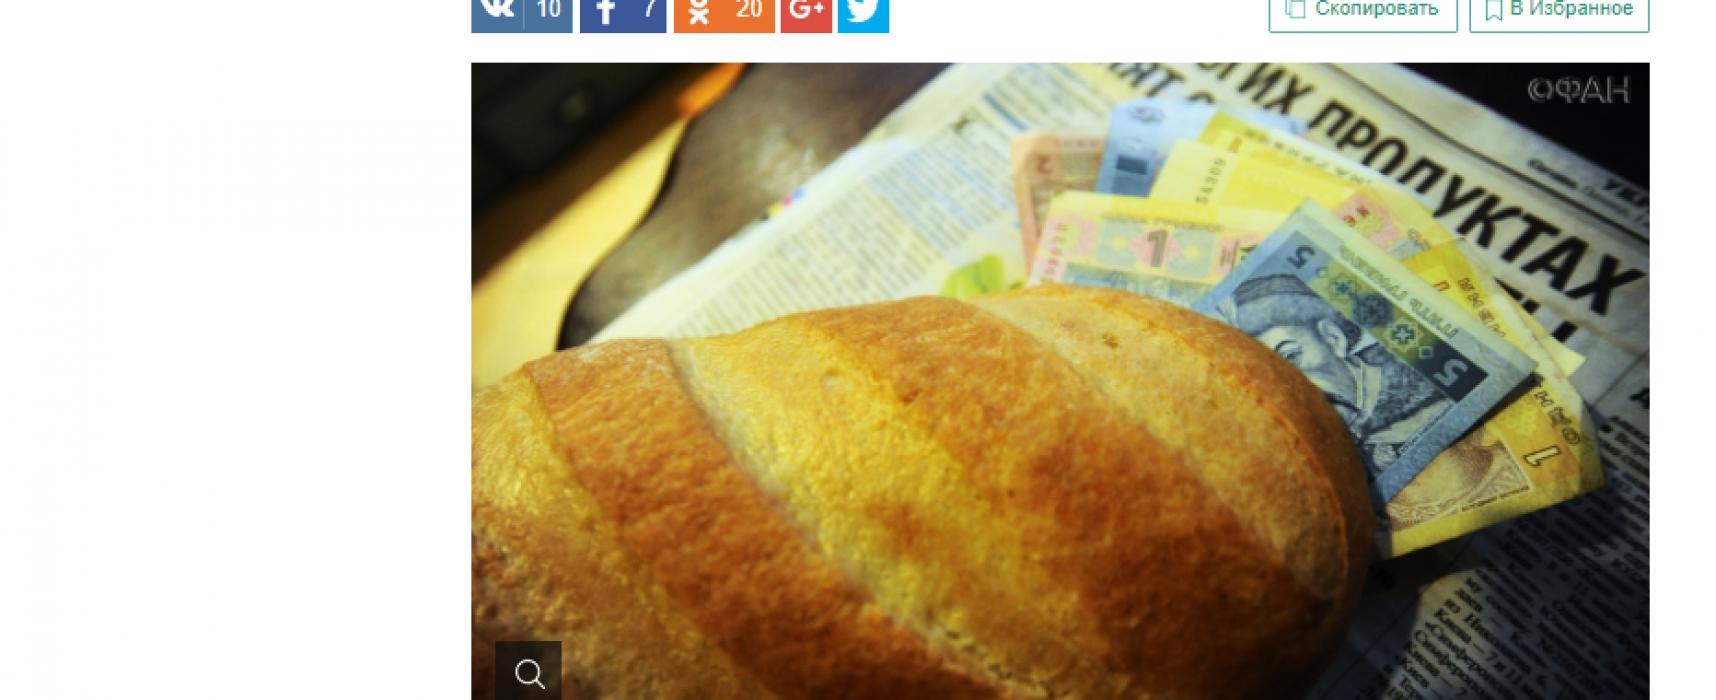 Фейк: В Украйна ще въвеждат талони за храна